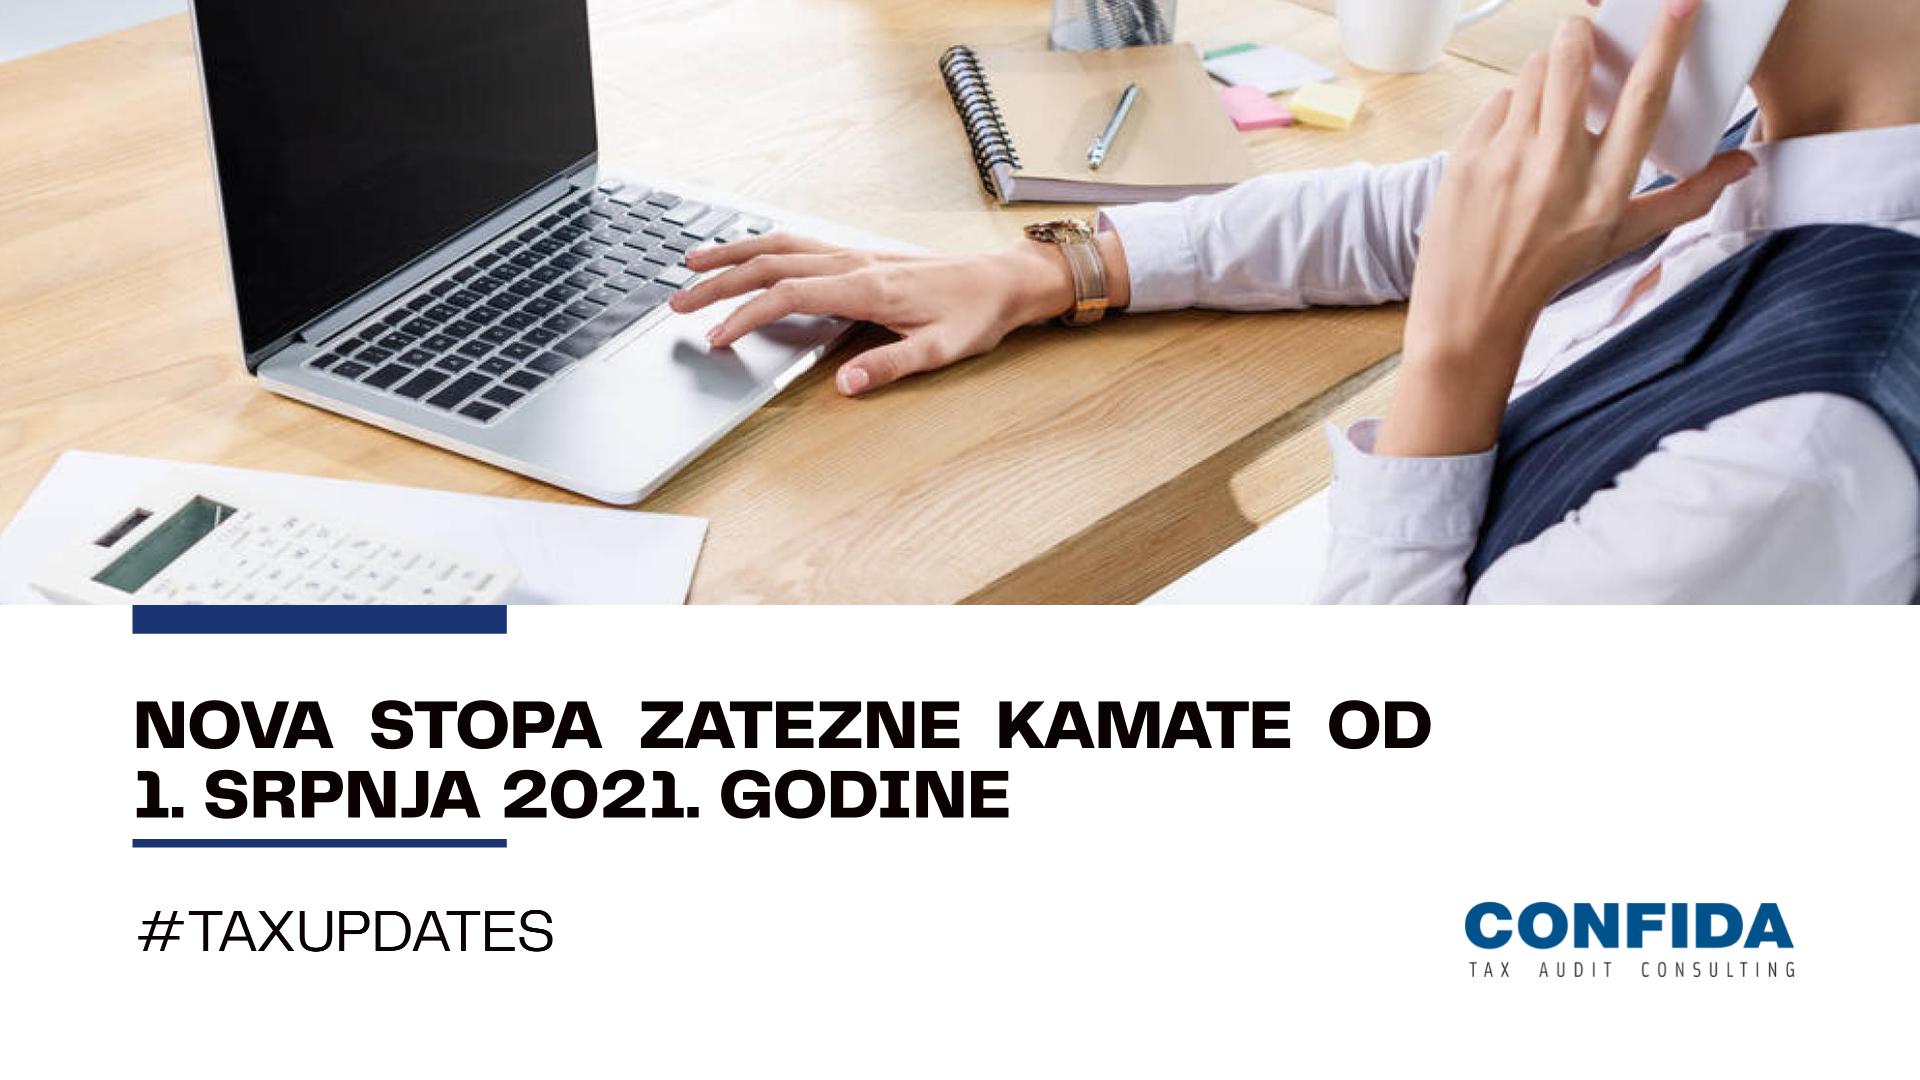 Nova stopa zatezne kamate od 1. srpnja 2021. godine